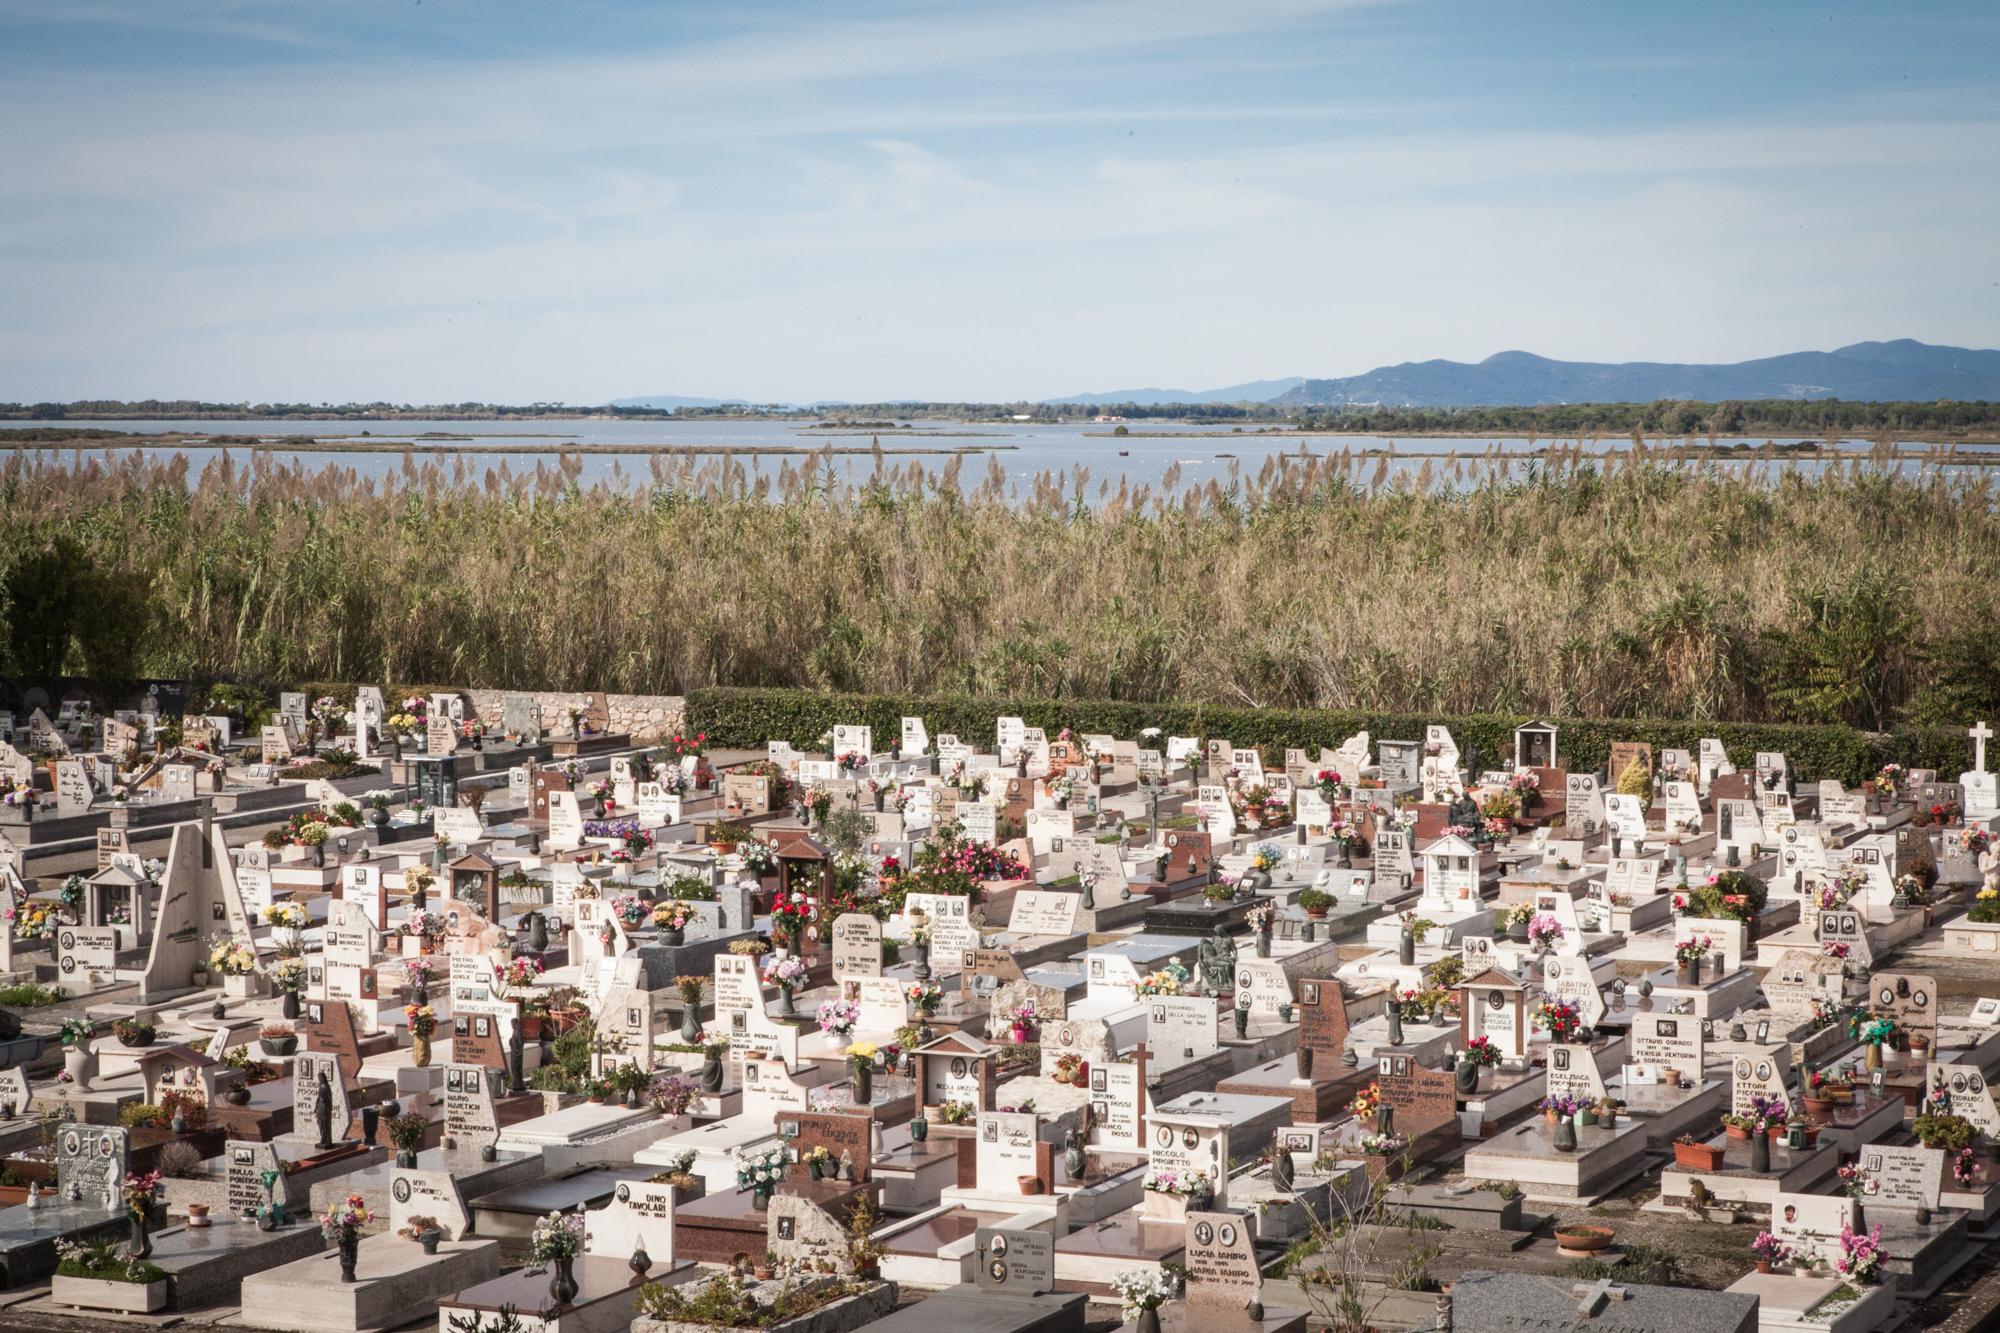 Veduta del cimitero di Orbetello (Grosseto), 2015.